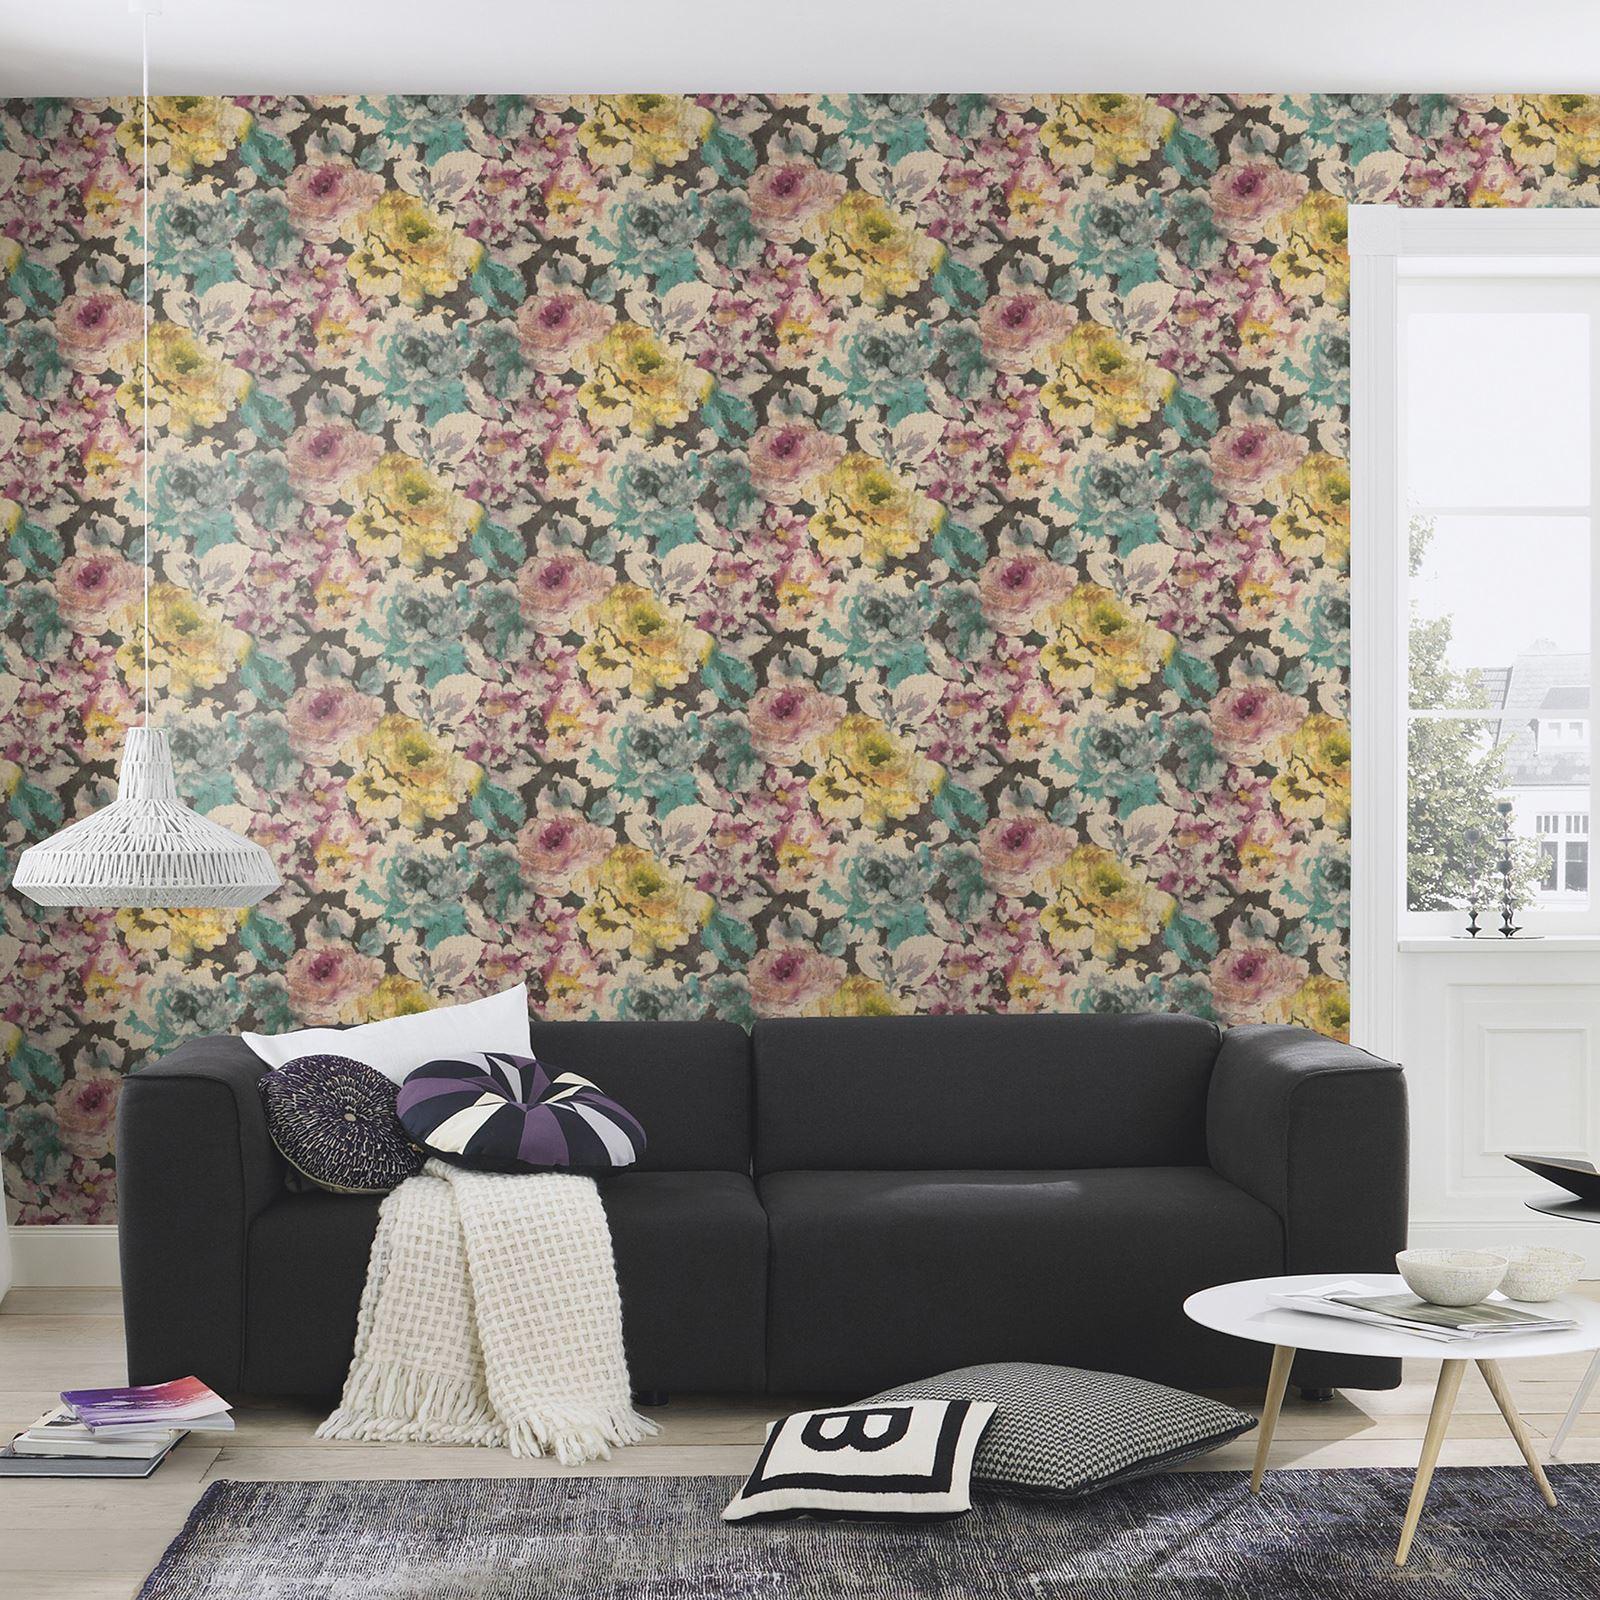 rasch florentine schick blumen tapete grau rosa nat rlich koralle wandtapete neu ebay. Black Bedroom Furniture Sets. Home Design Ideas